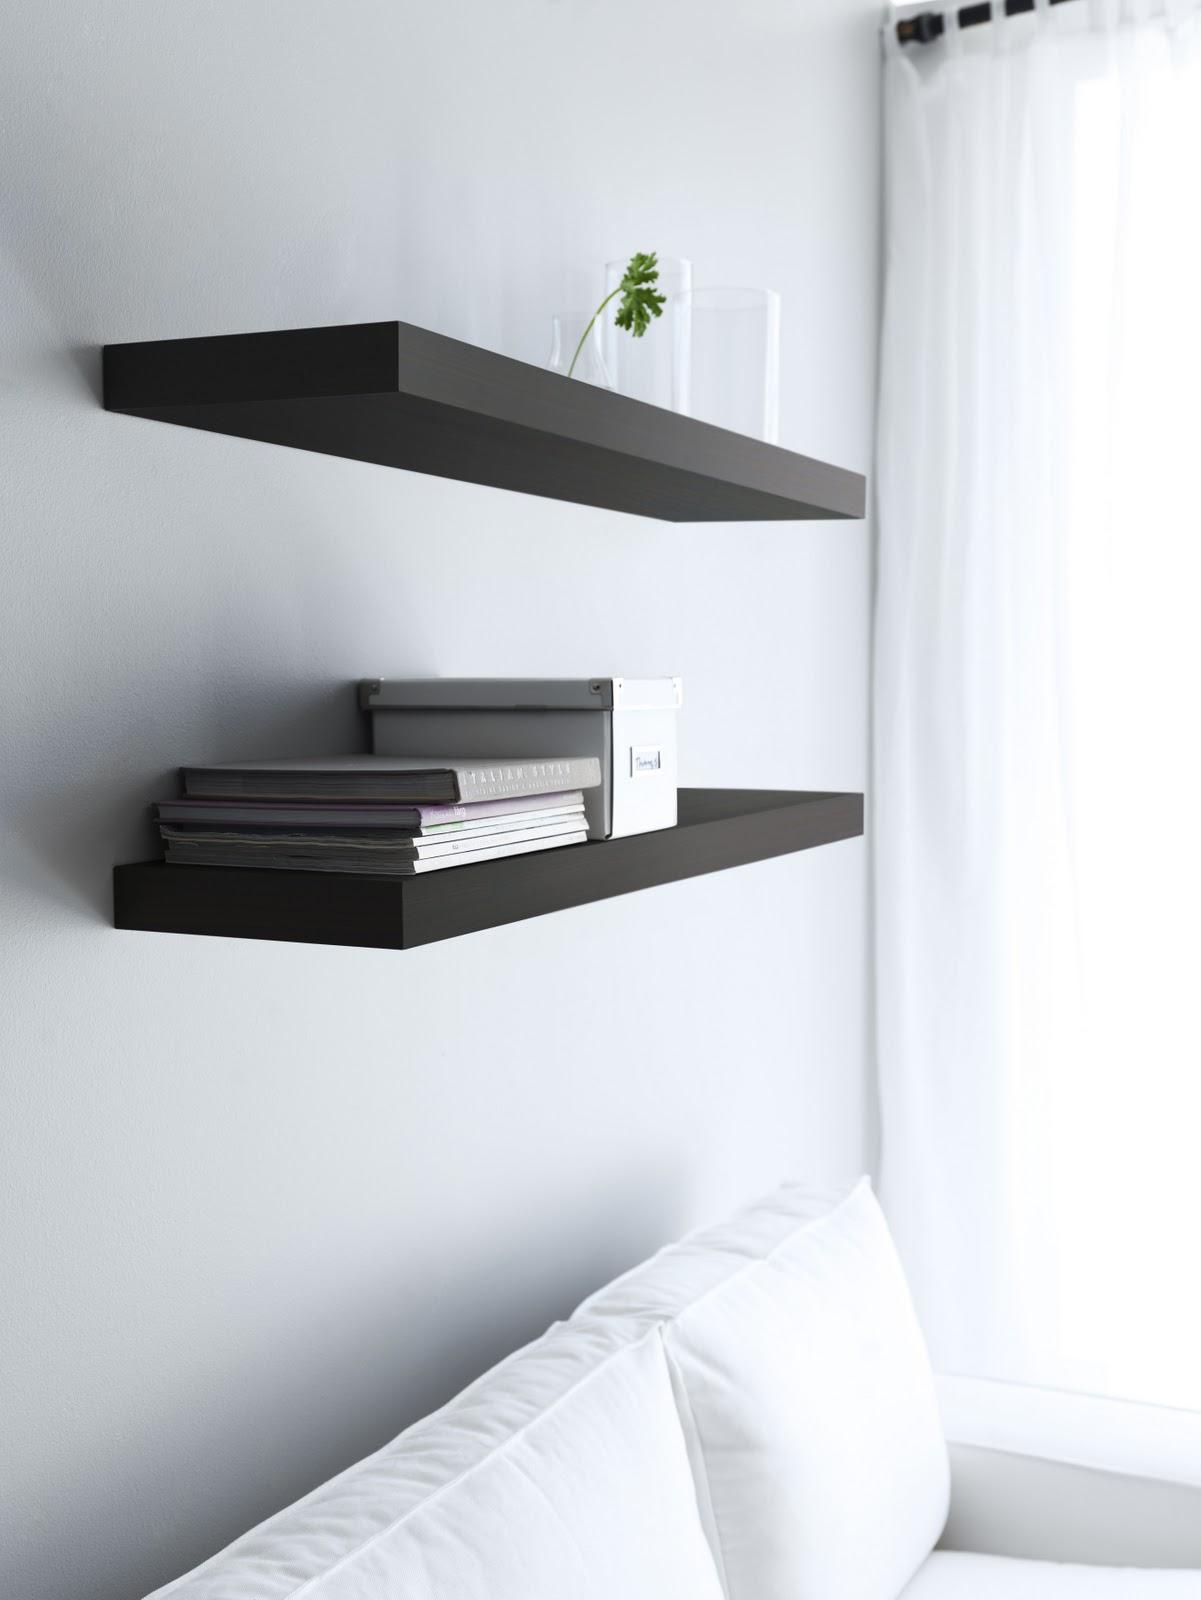 Ikea Poang Chair Slipcover Pattern ~ de los recibidores en x4duros los famosos trones los puedes colocar de